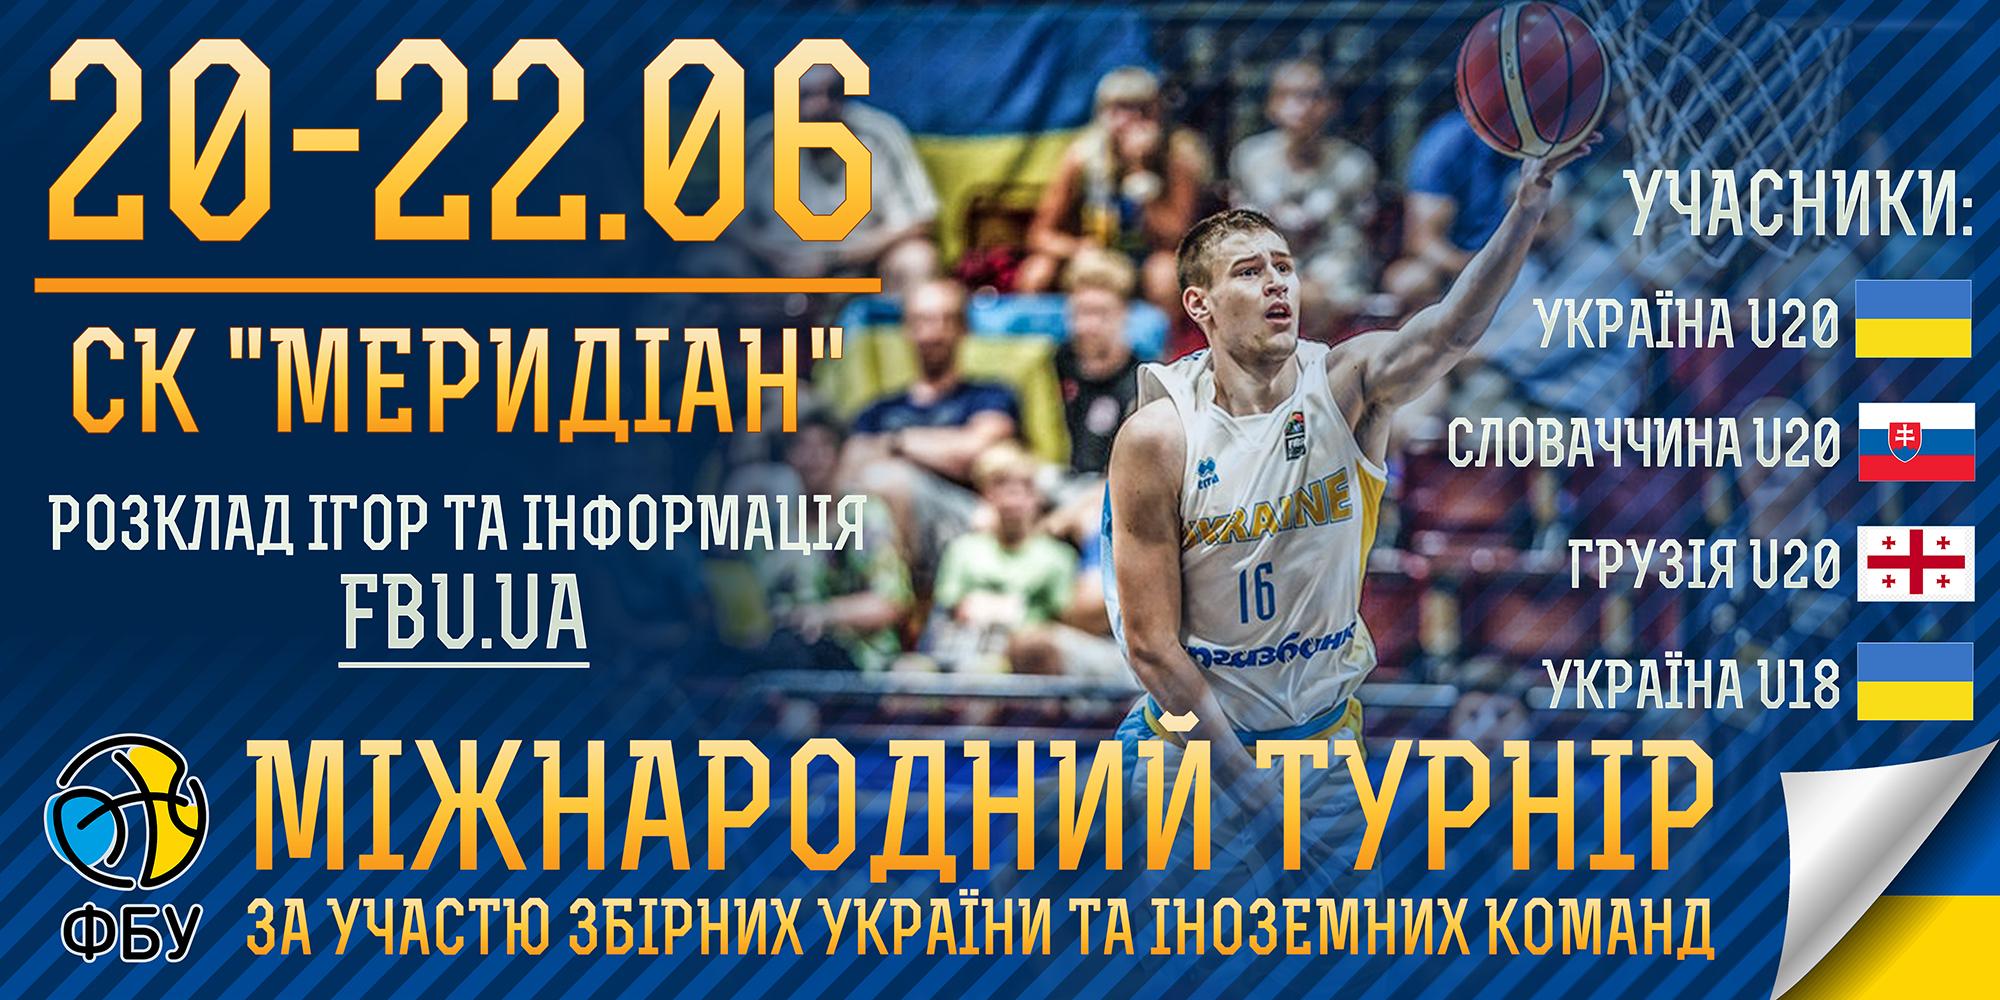 ФБУ транслюватиме матчі Міжнародного турніру в Києві